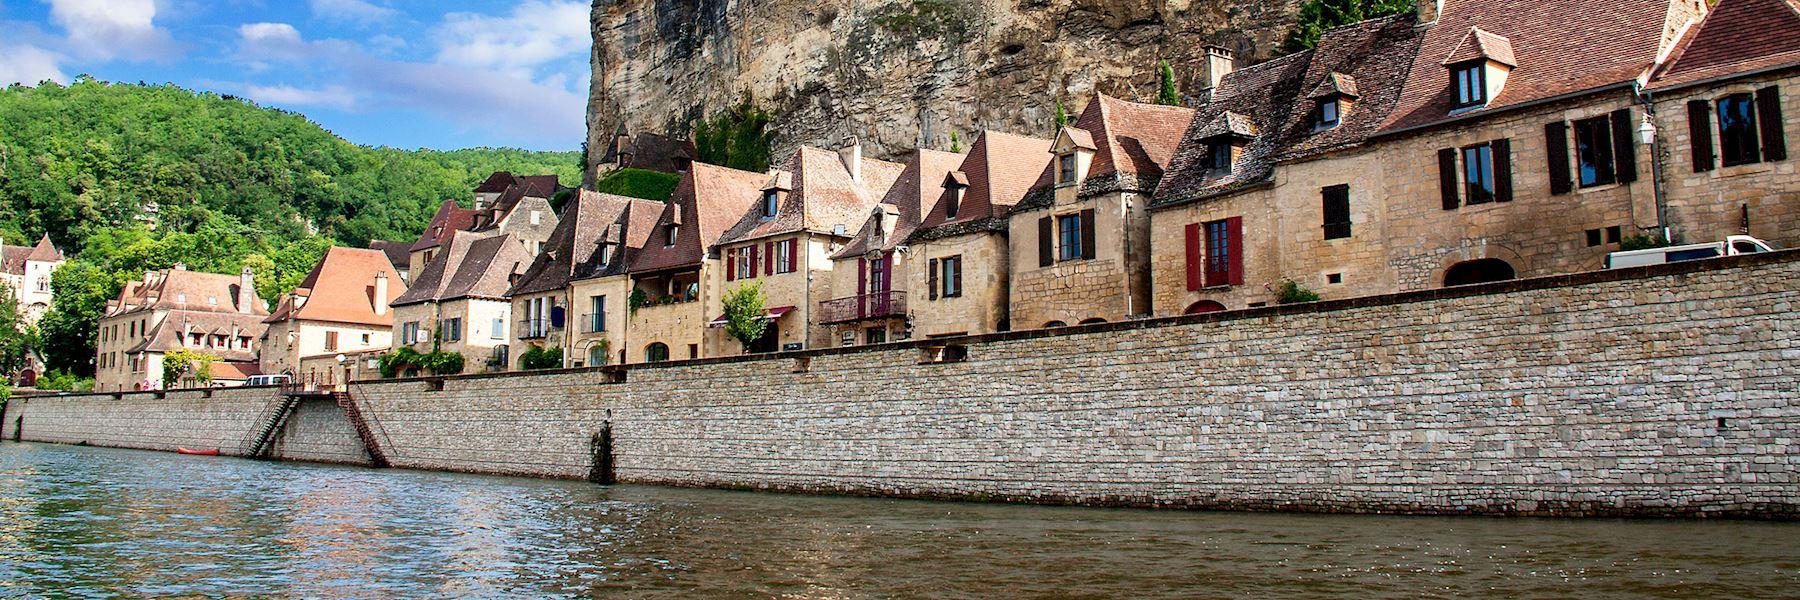 Visit Dordogne, France